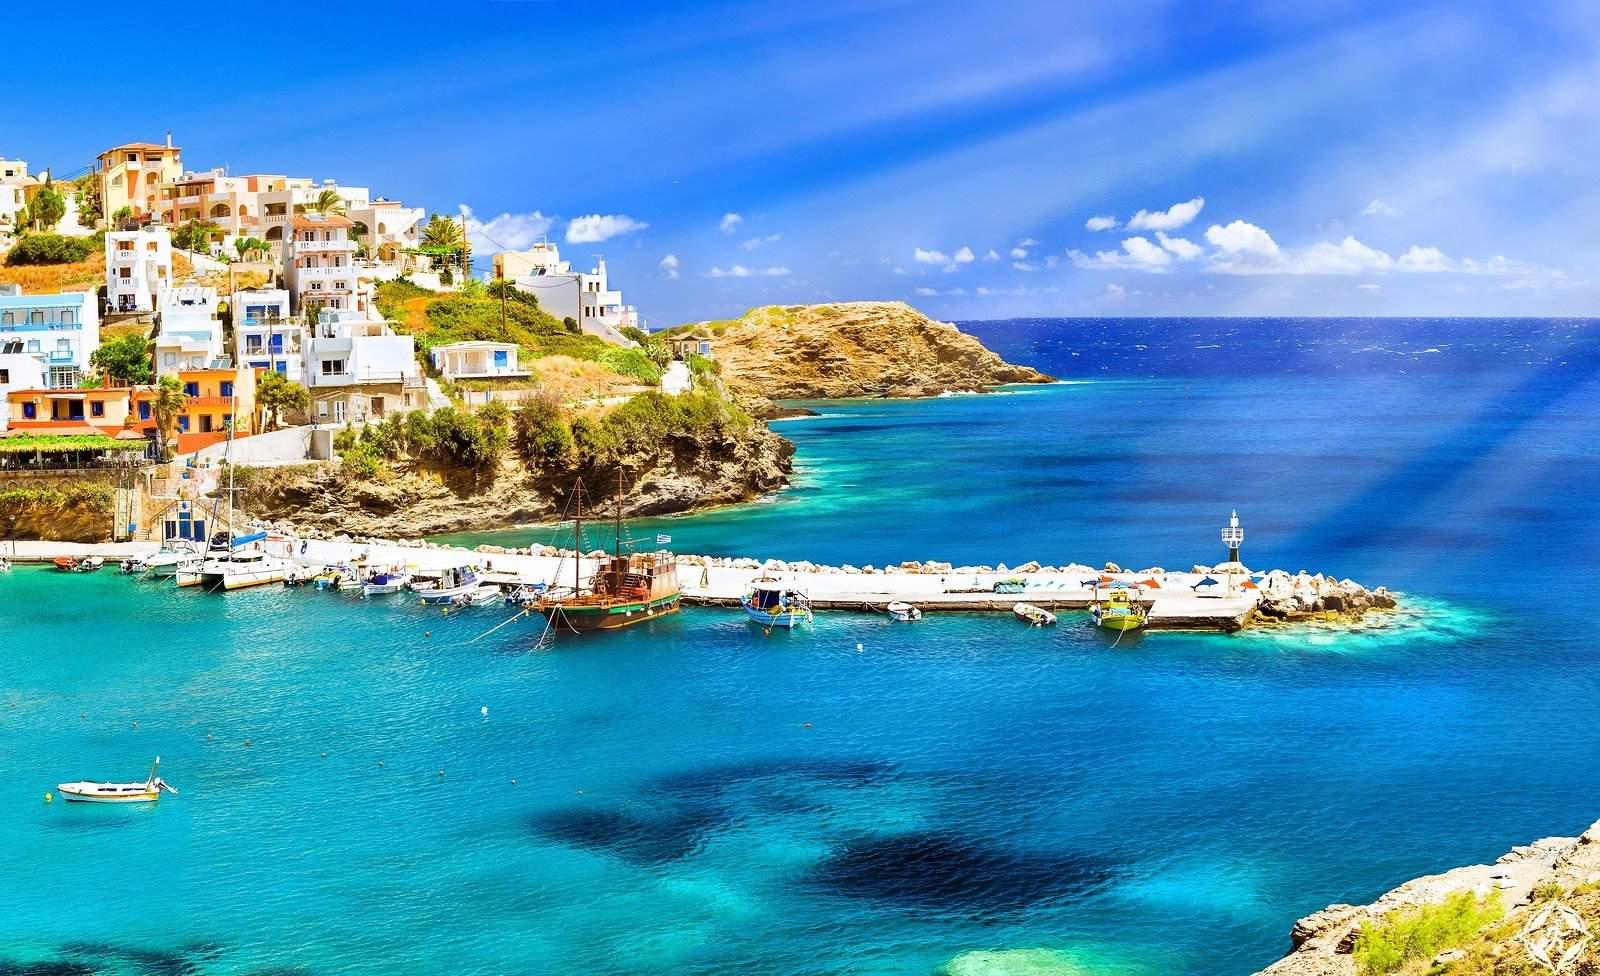 افضل 5 من فنادق جزيرة كريت اليونانية نوصي بها